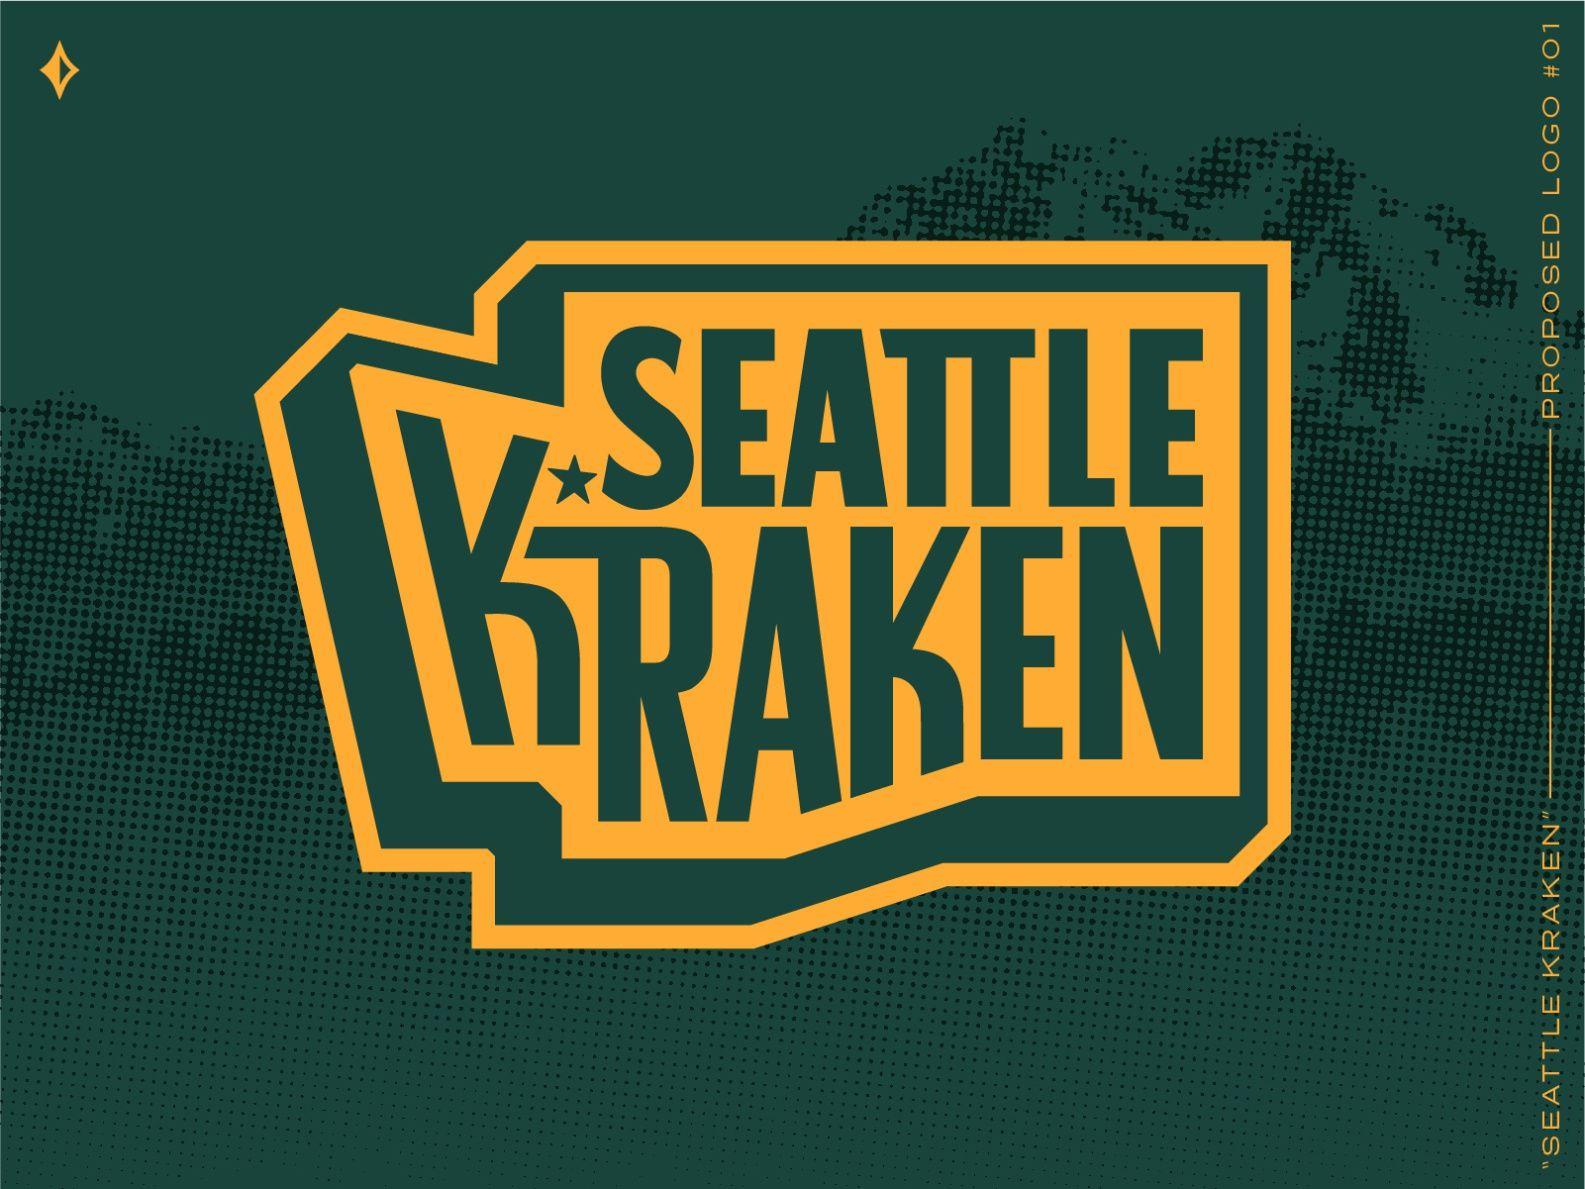 Seattle Kraken Proposed Mark 1 In 2020 Seattle Logo Seattle Kraken